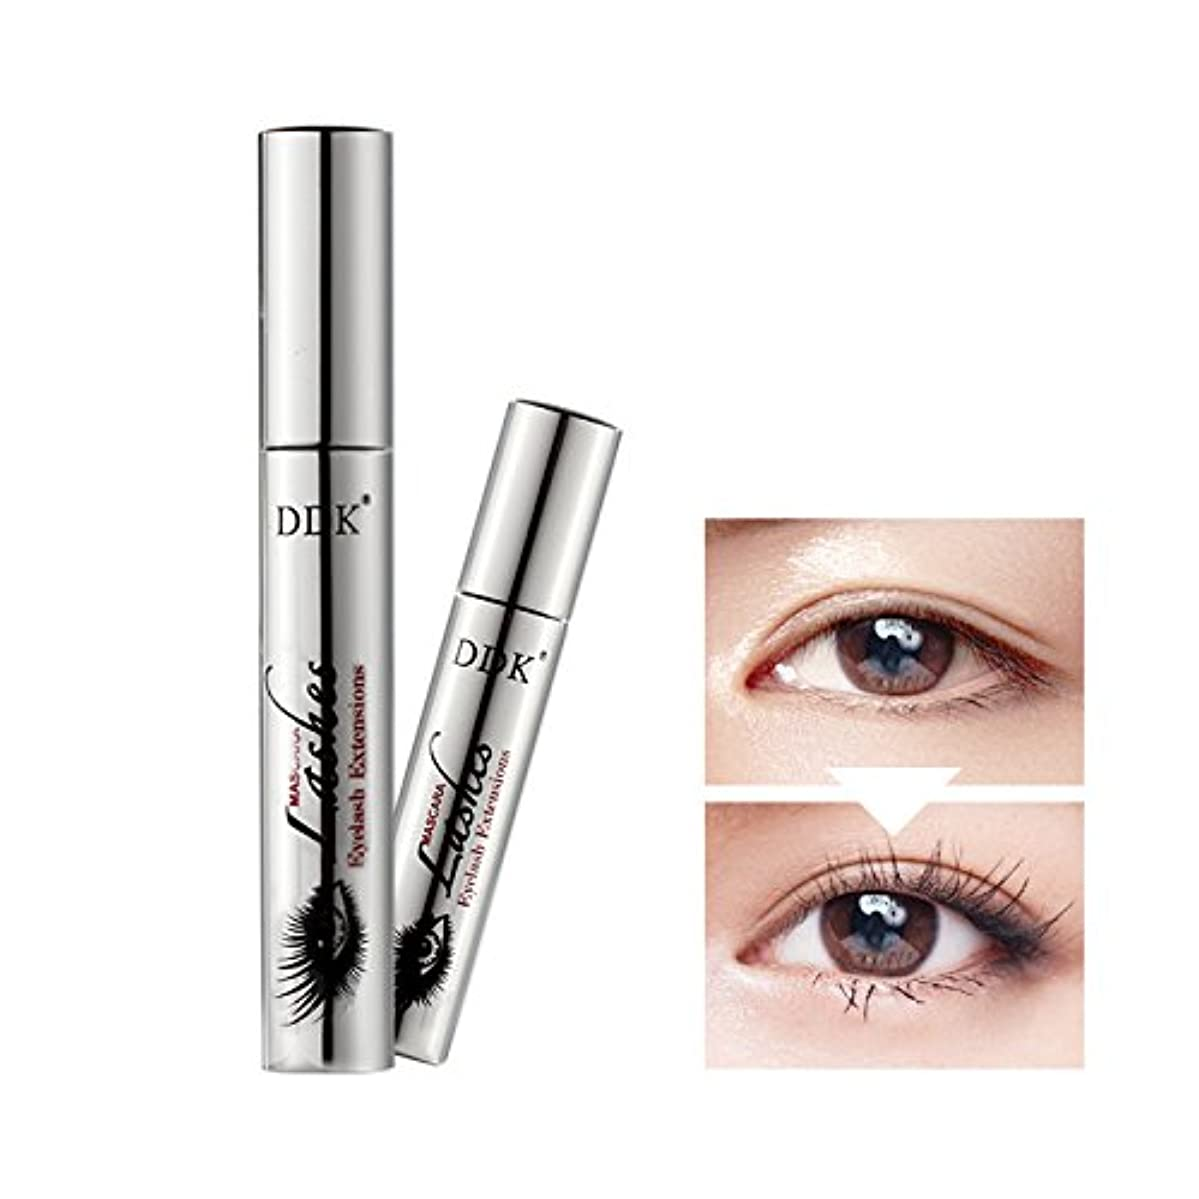 シーンフェード薬剤師Beautygram DDK 4D MASCARA 4D マスカラ Long Extension Amazing Eyelash ロング エクステンション アメージング まつ毛 [並行輸入品]